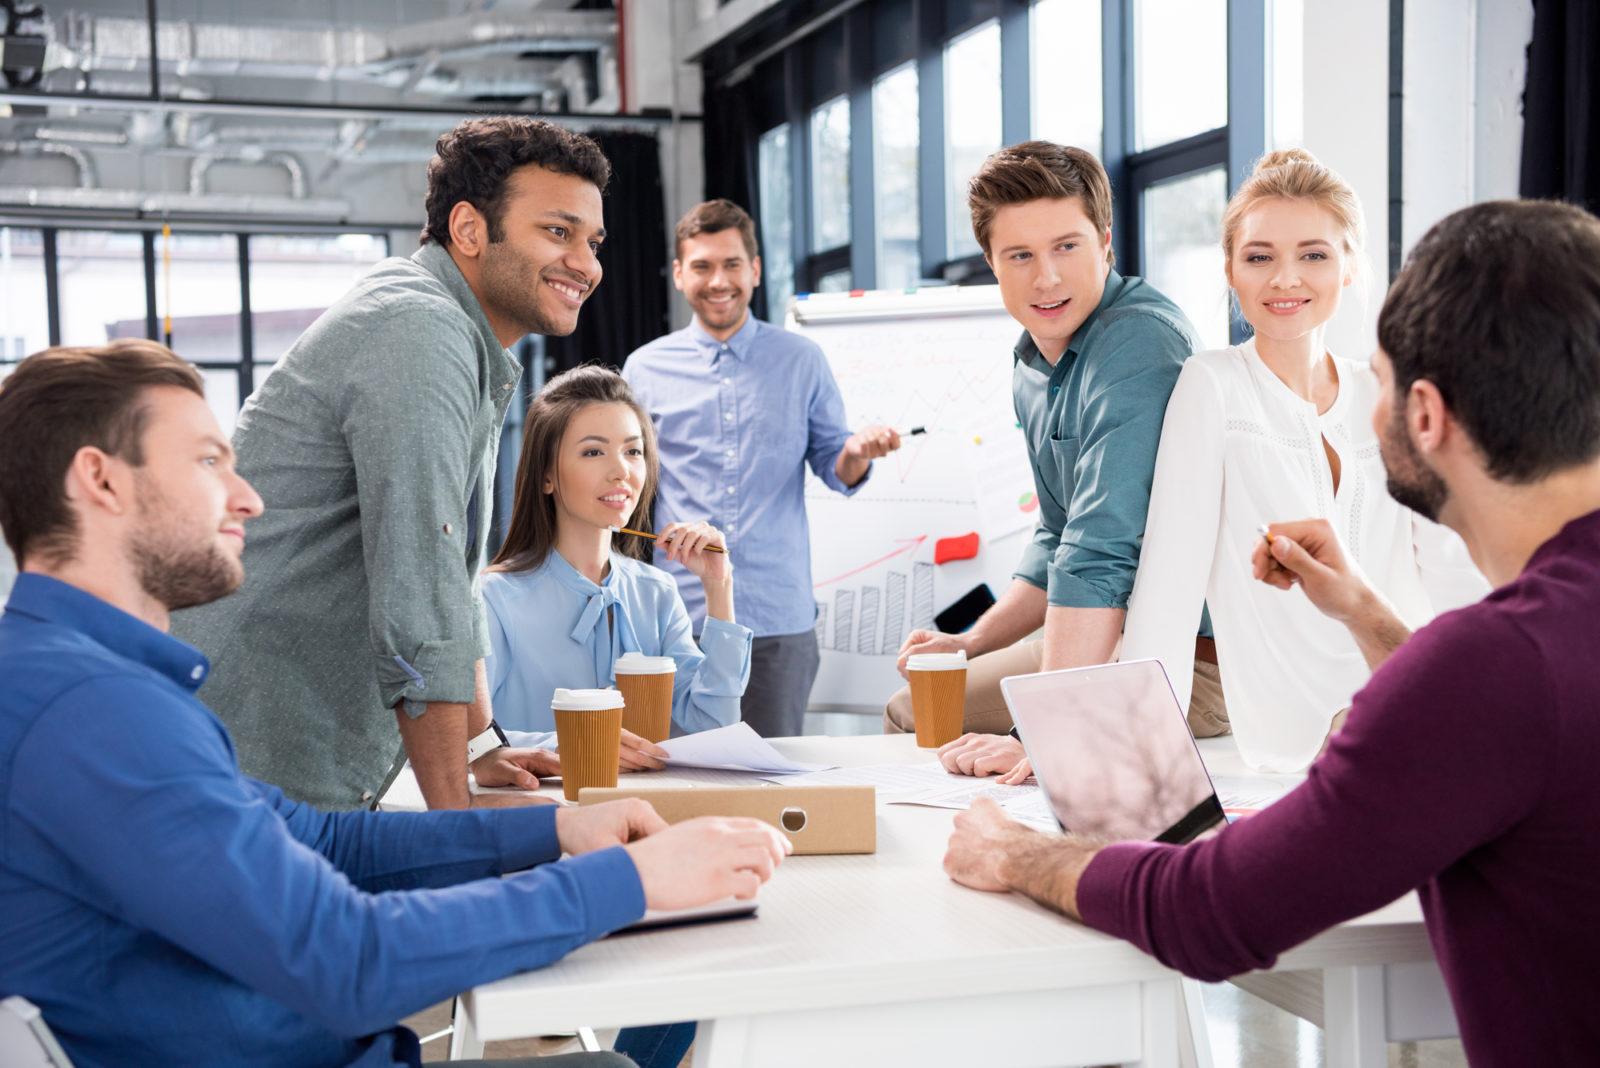 coworkers brainstorming